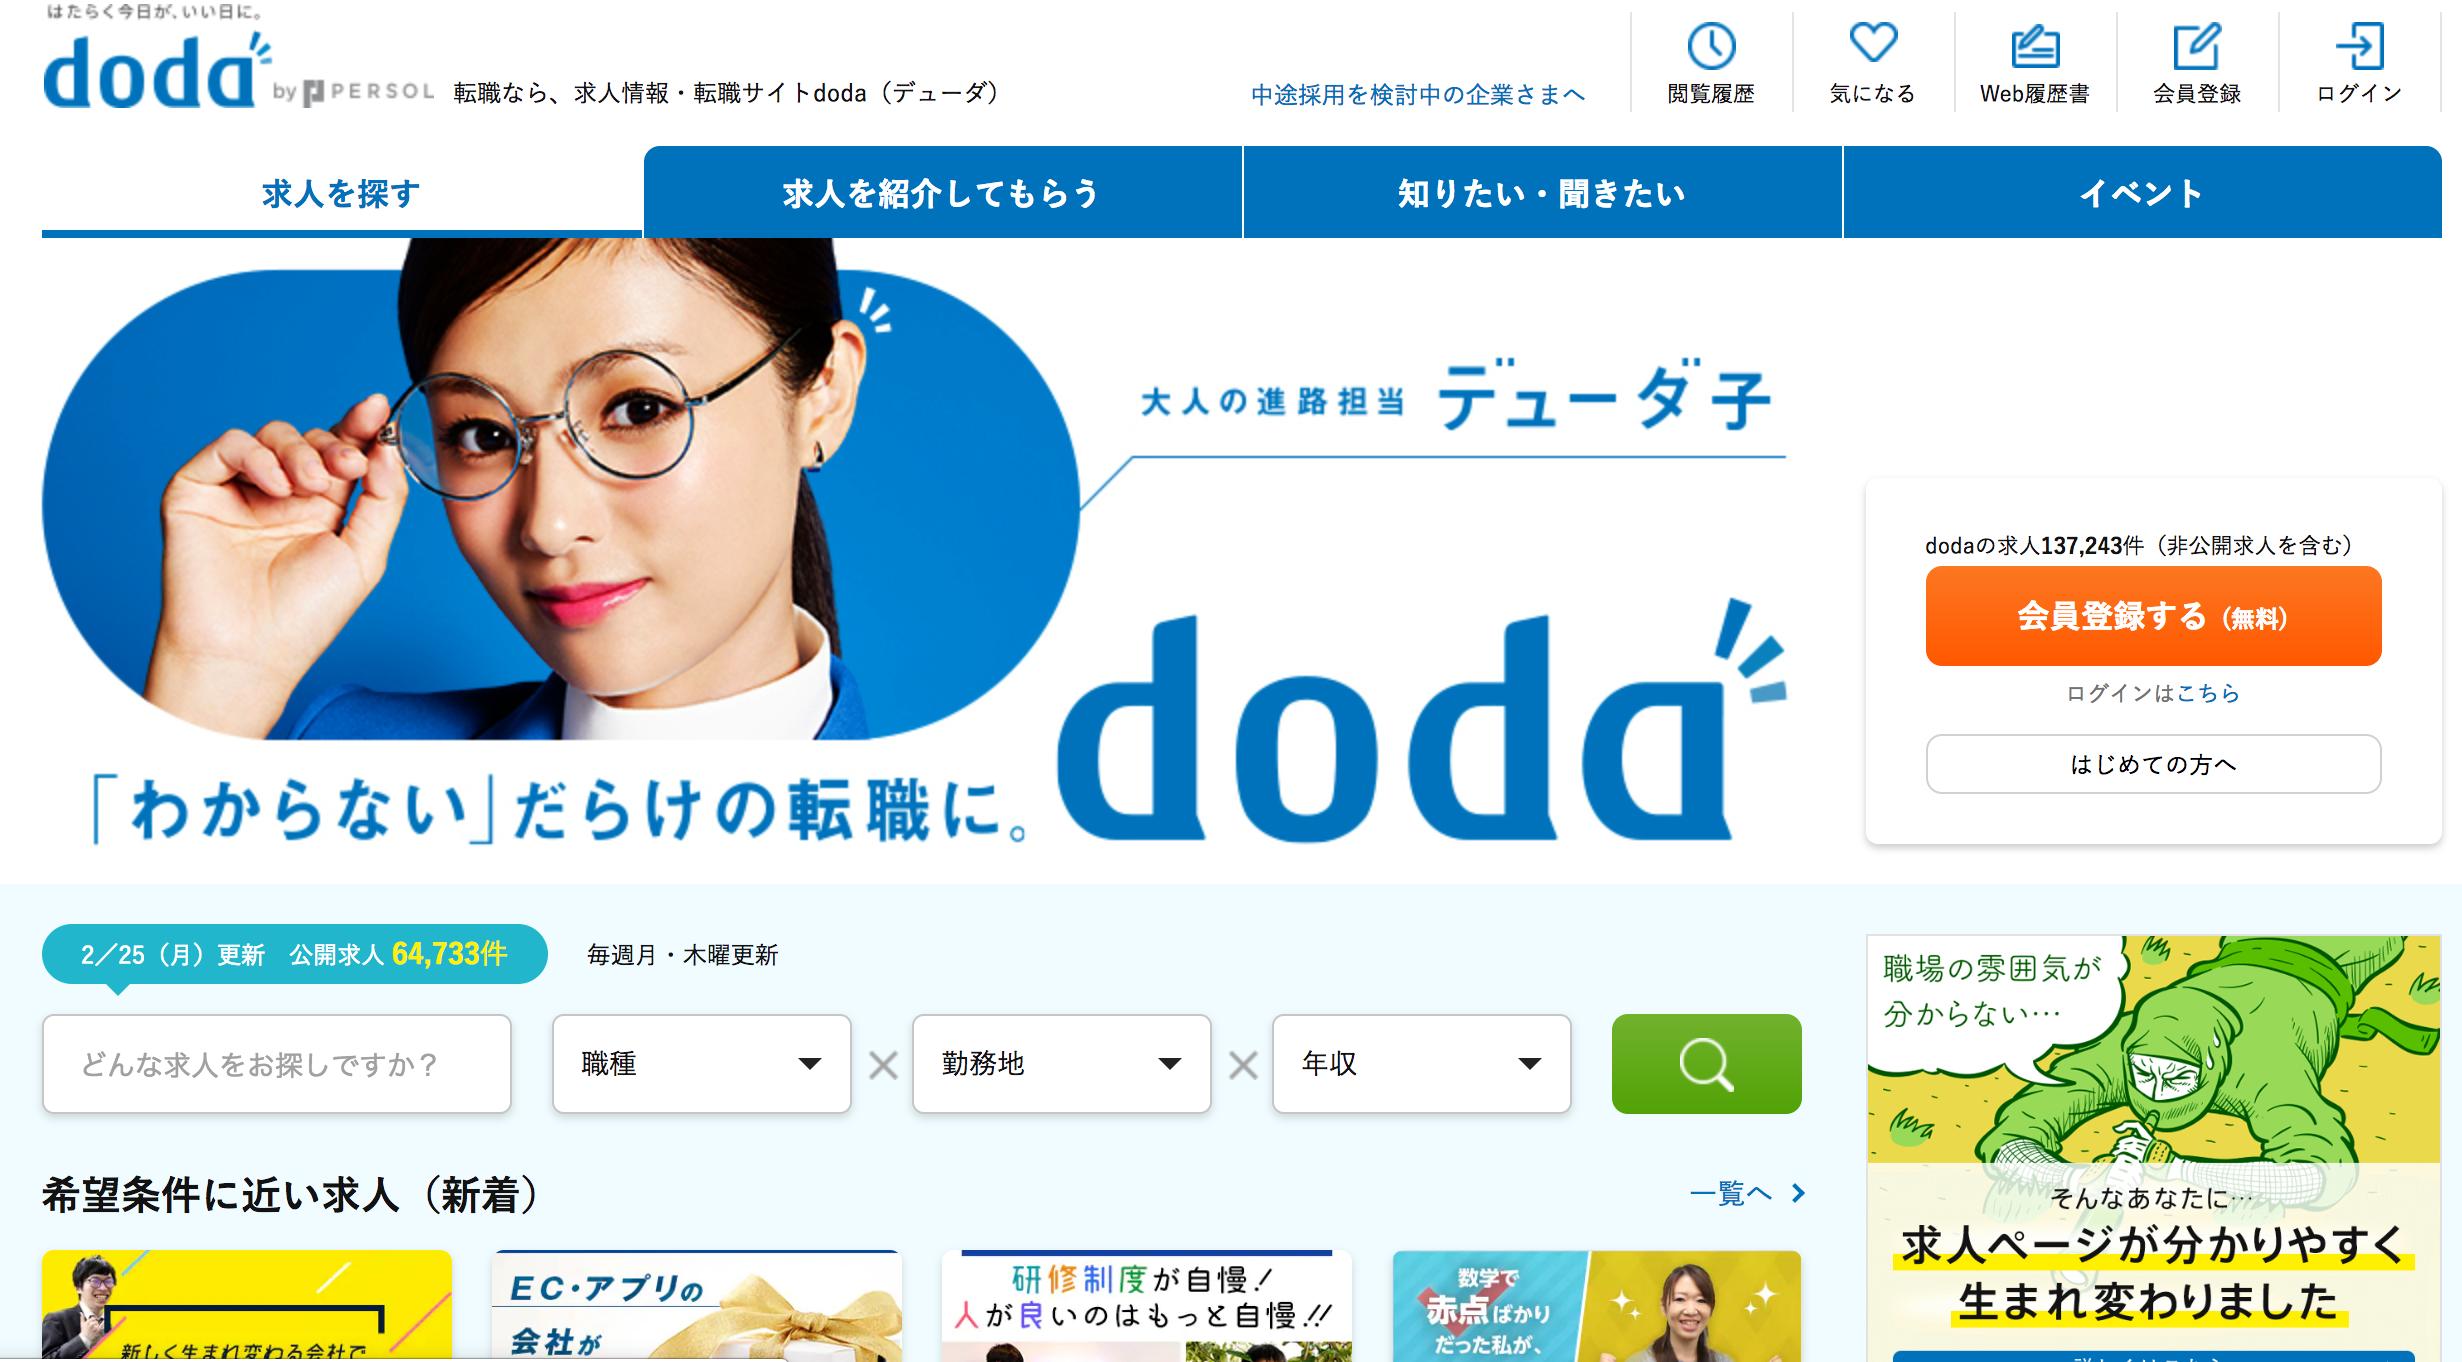 dodaサイトトップページ